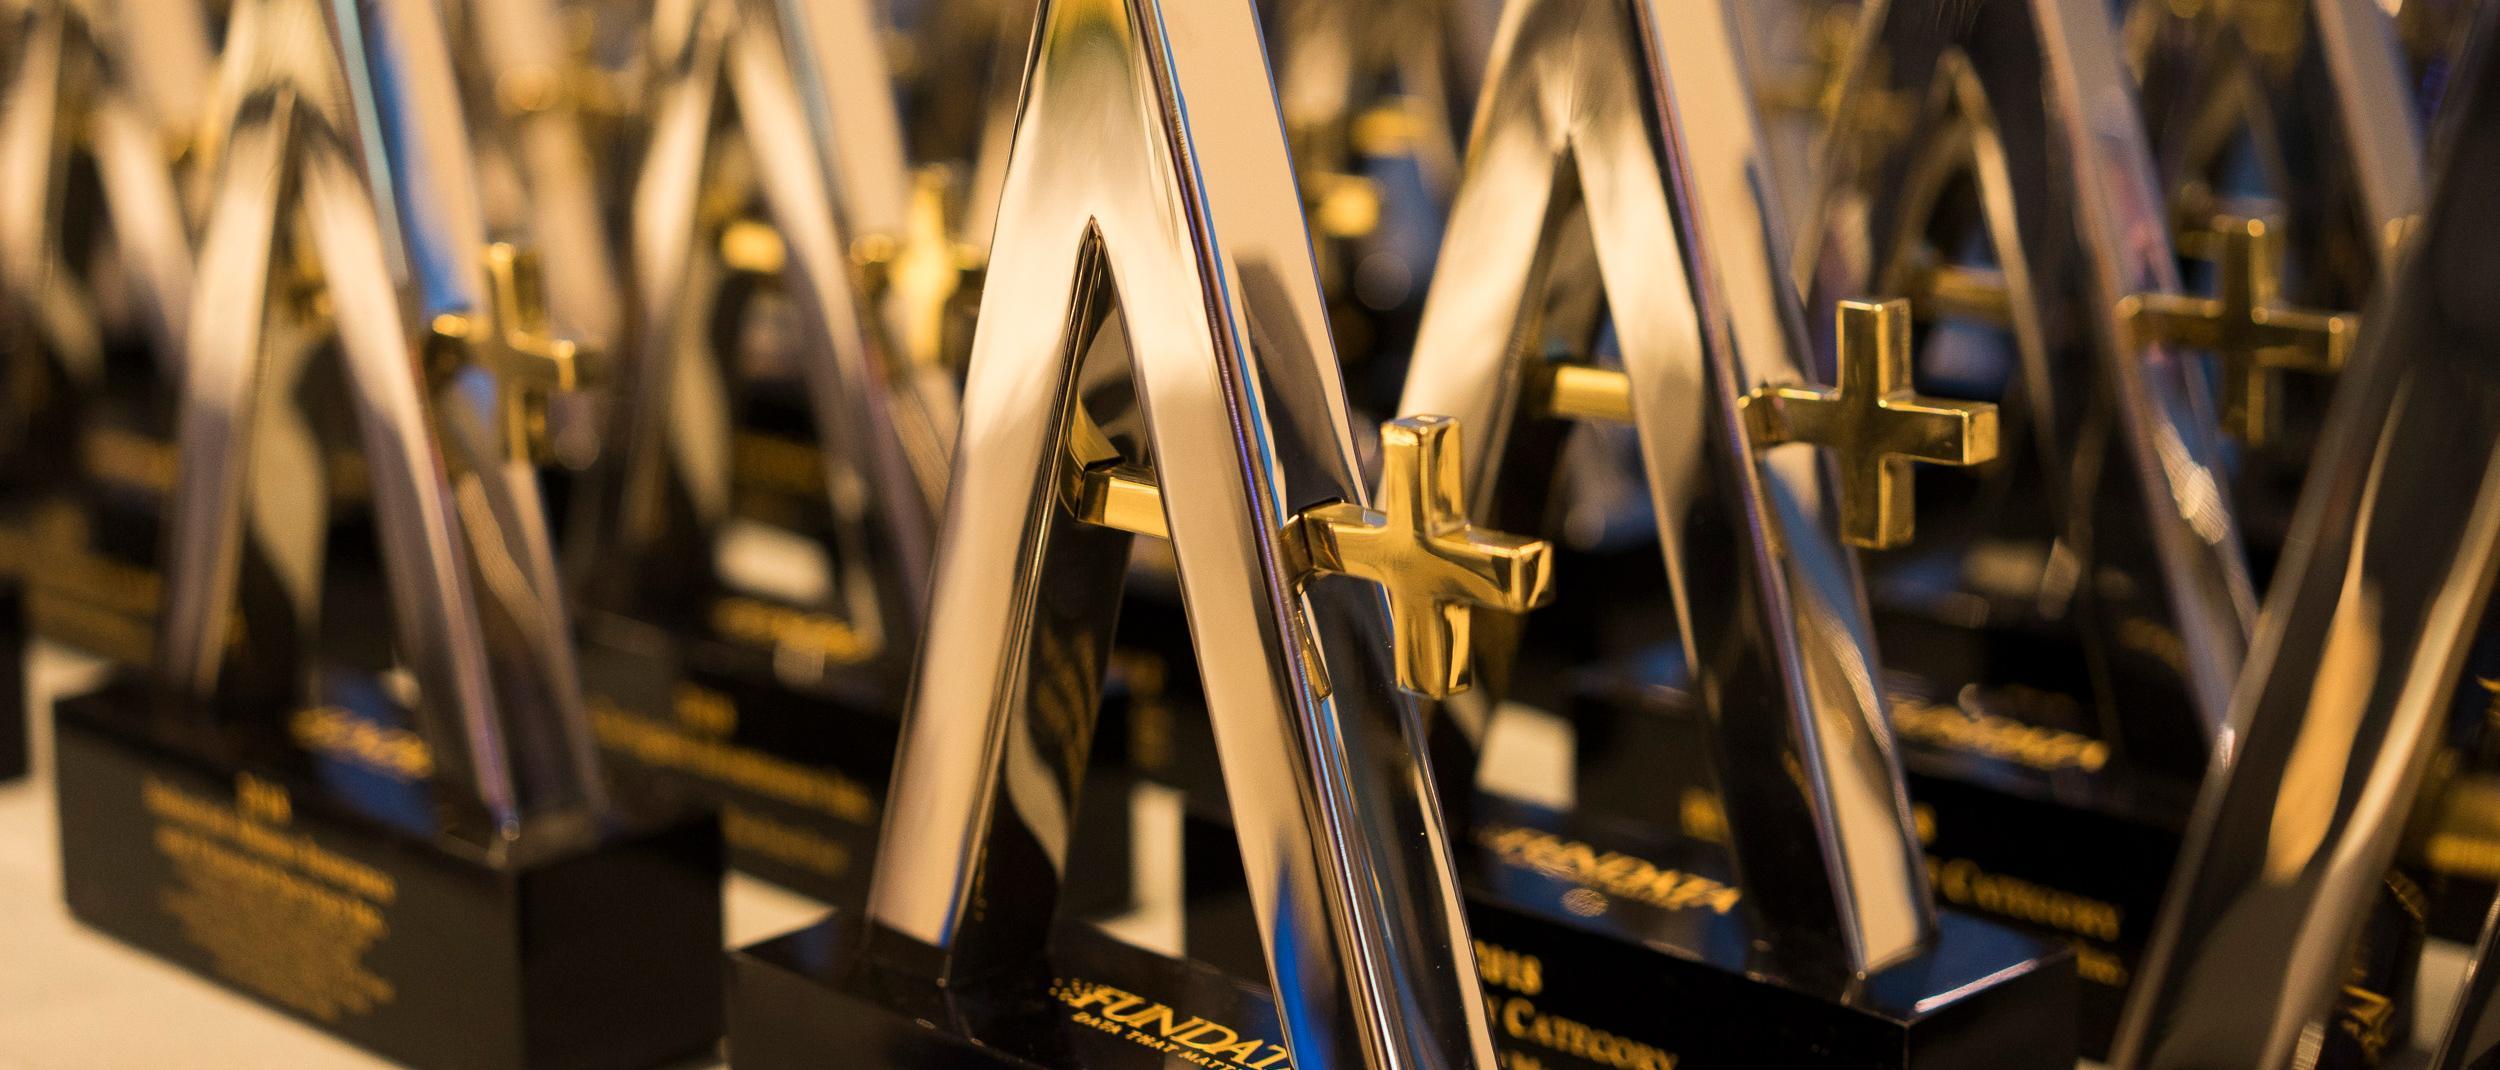 Des résultats primés : Fundata Canada désigne Gestion de placements Manuvie parmi ses premiers lauréats Thumbnail